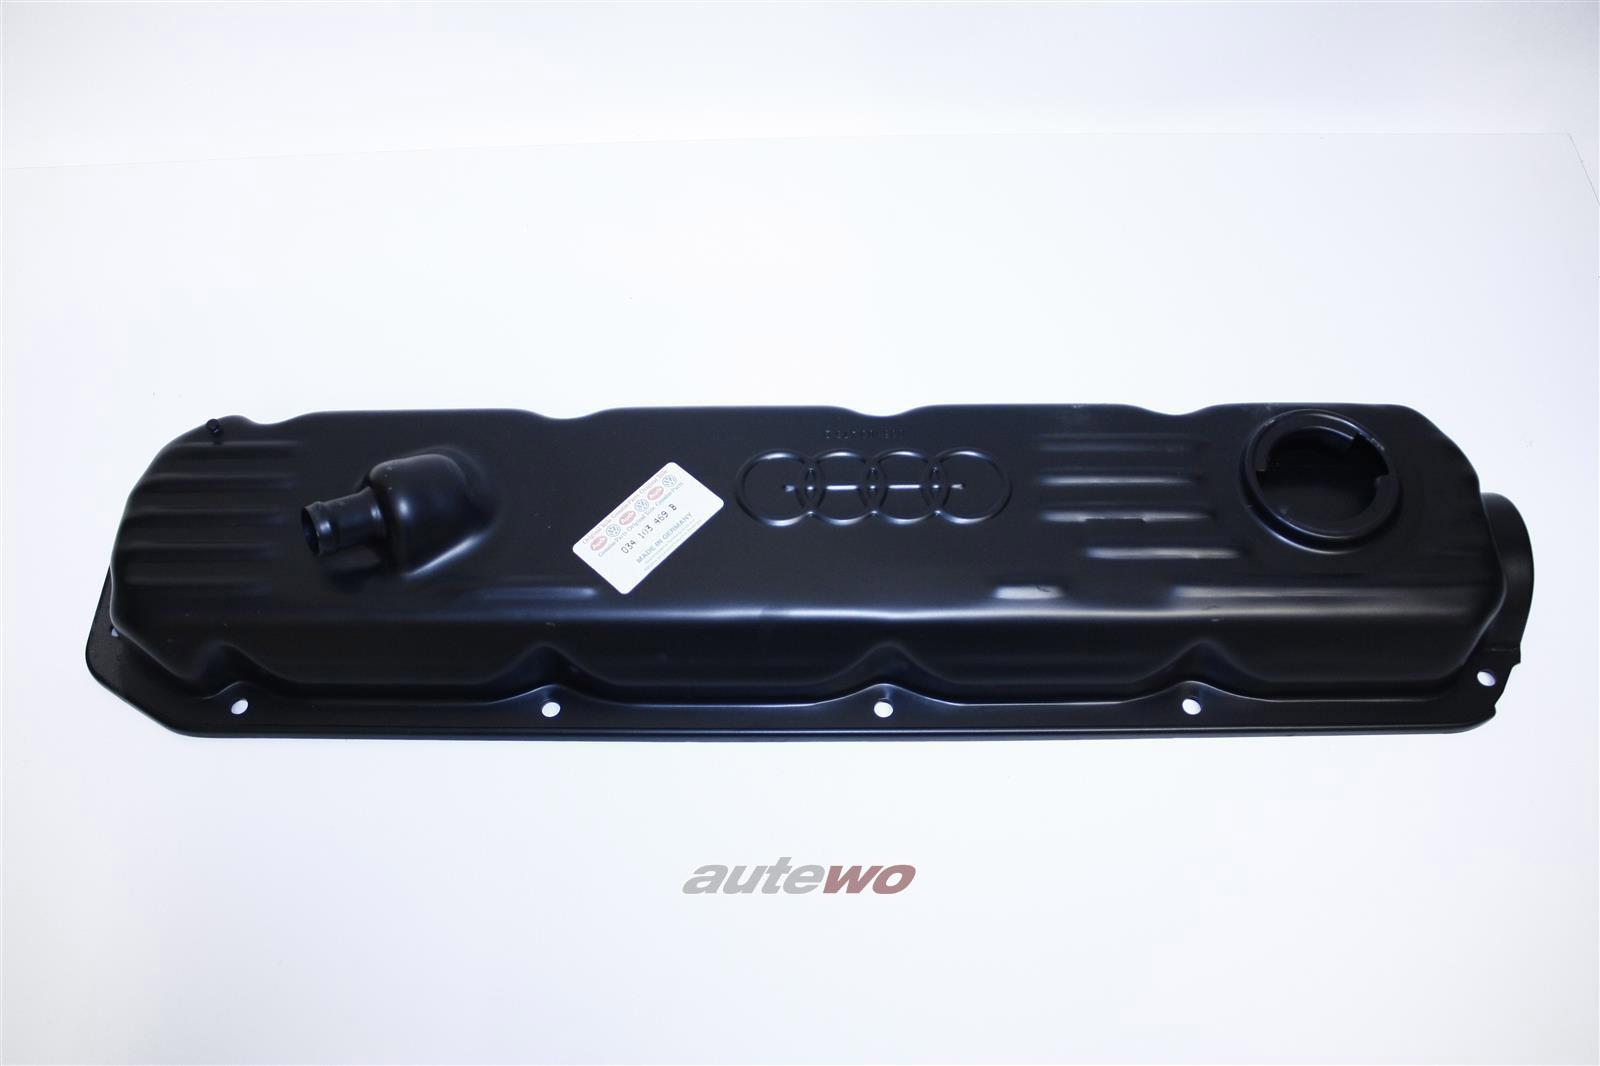 034103469b neu audi 100 200 typ 44 5 zylinder 10v. Black Bedroom Furniture Sets. Home Design Ideas